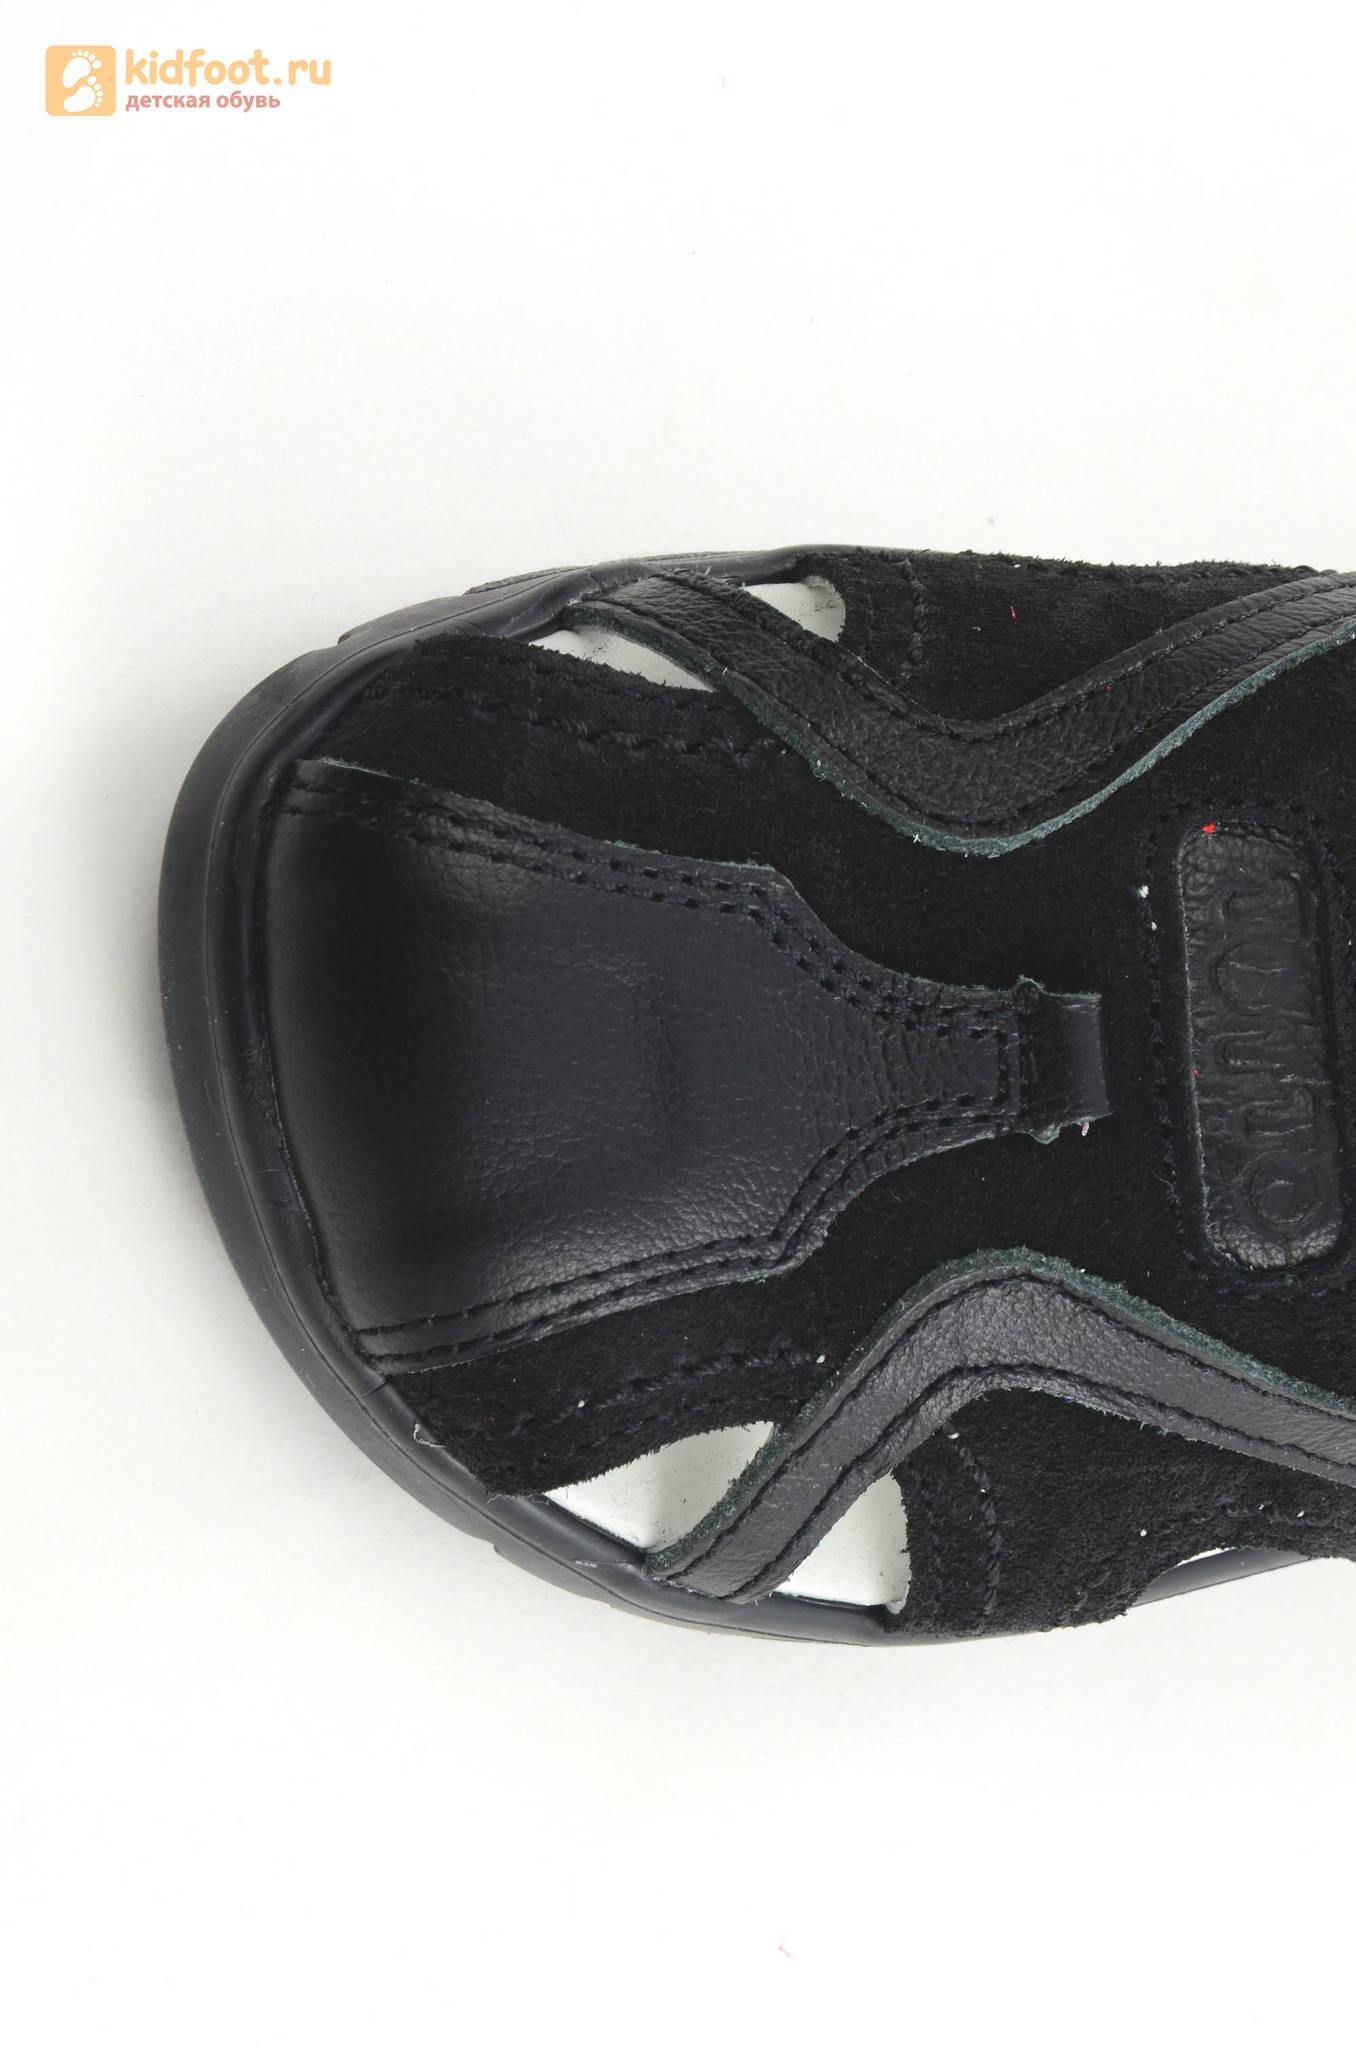 Сандалии для мальчиков из натуральной кожи с закрытым носом на липучке Тотто, цвет черный